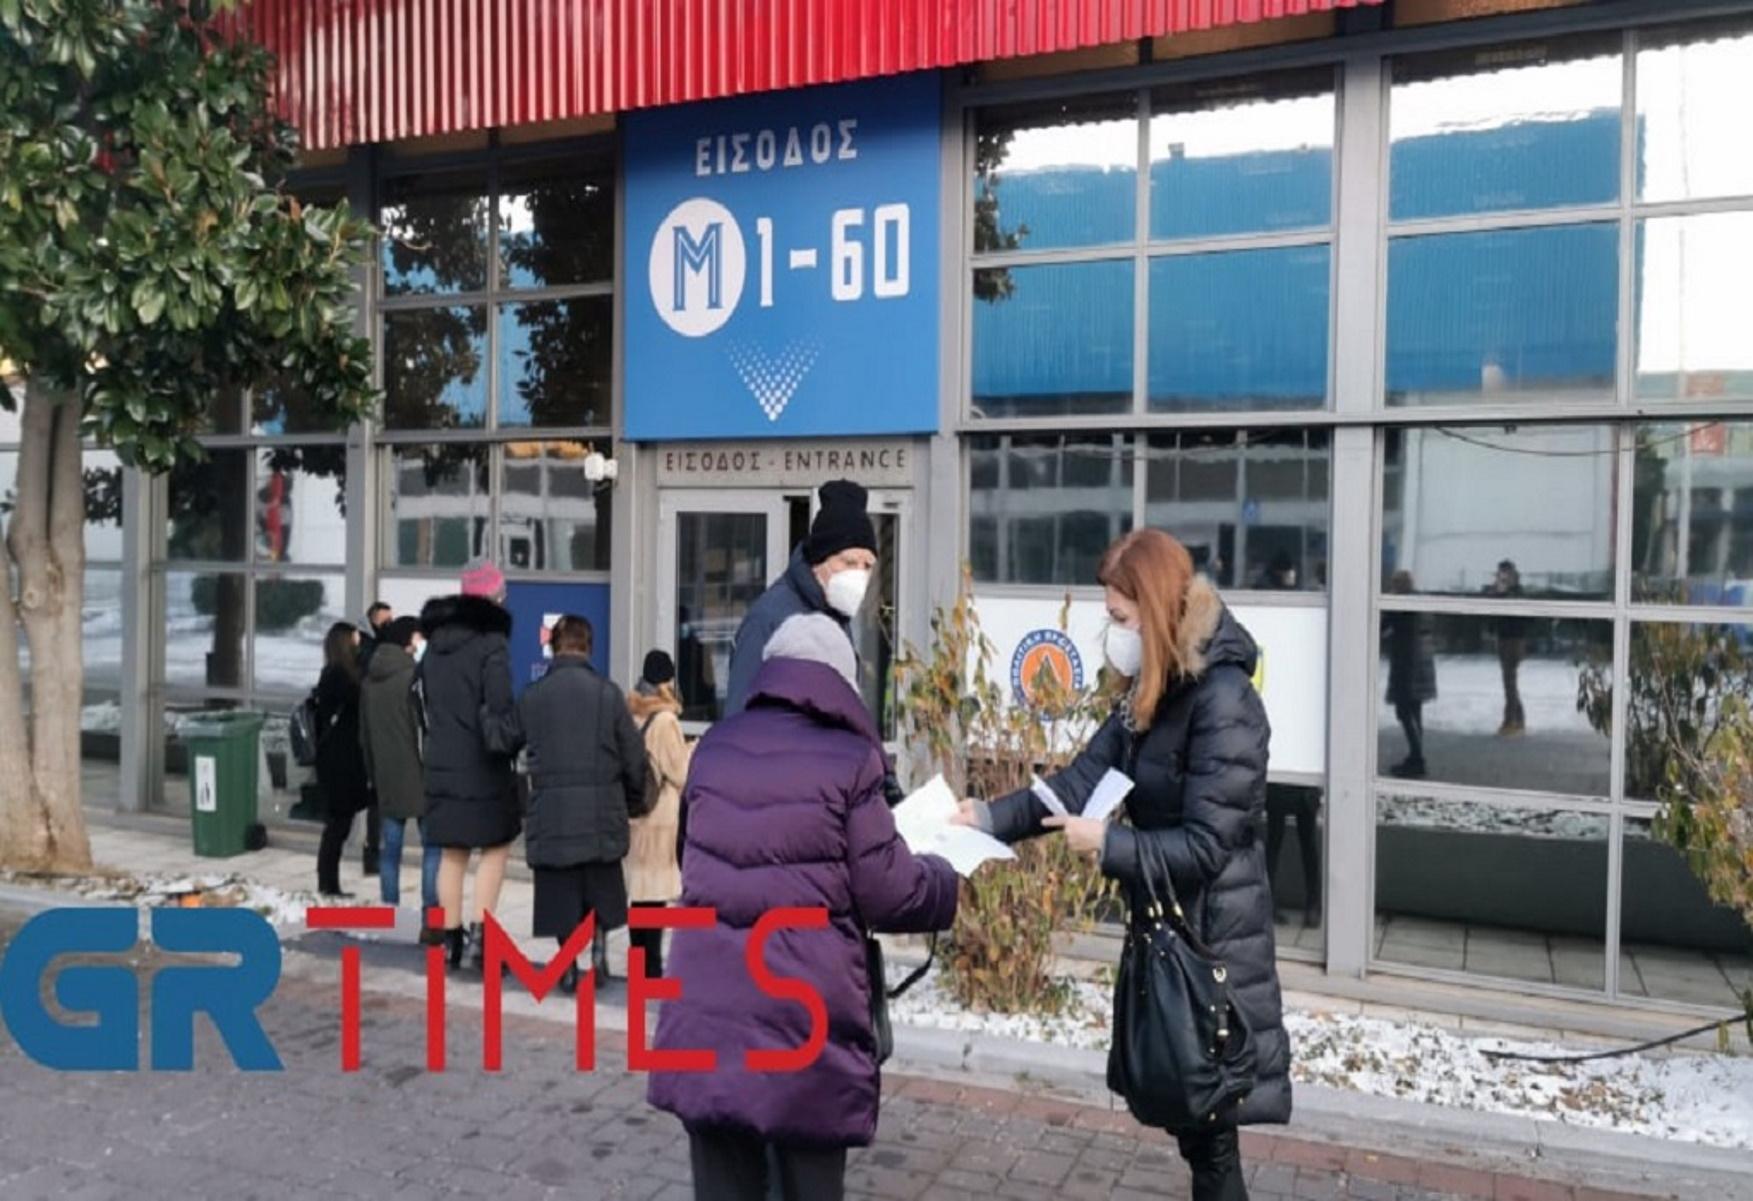 Θεσσαλονίκη – Κορονοϊός: Πρεμιέρα για το μεγαλύτερο κέντρο εμβολιασμού στην Ελλάδα (pics, video)